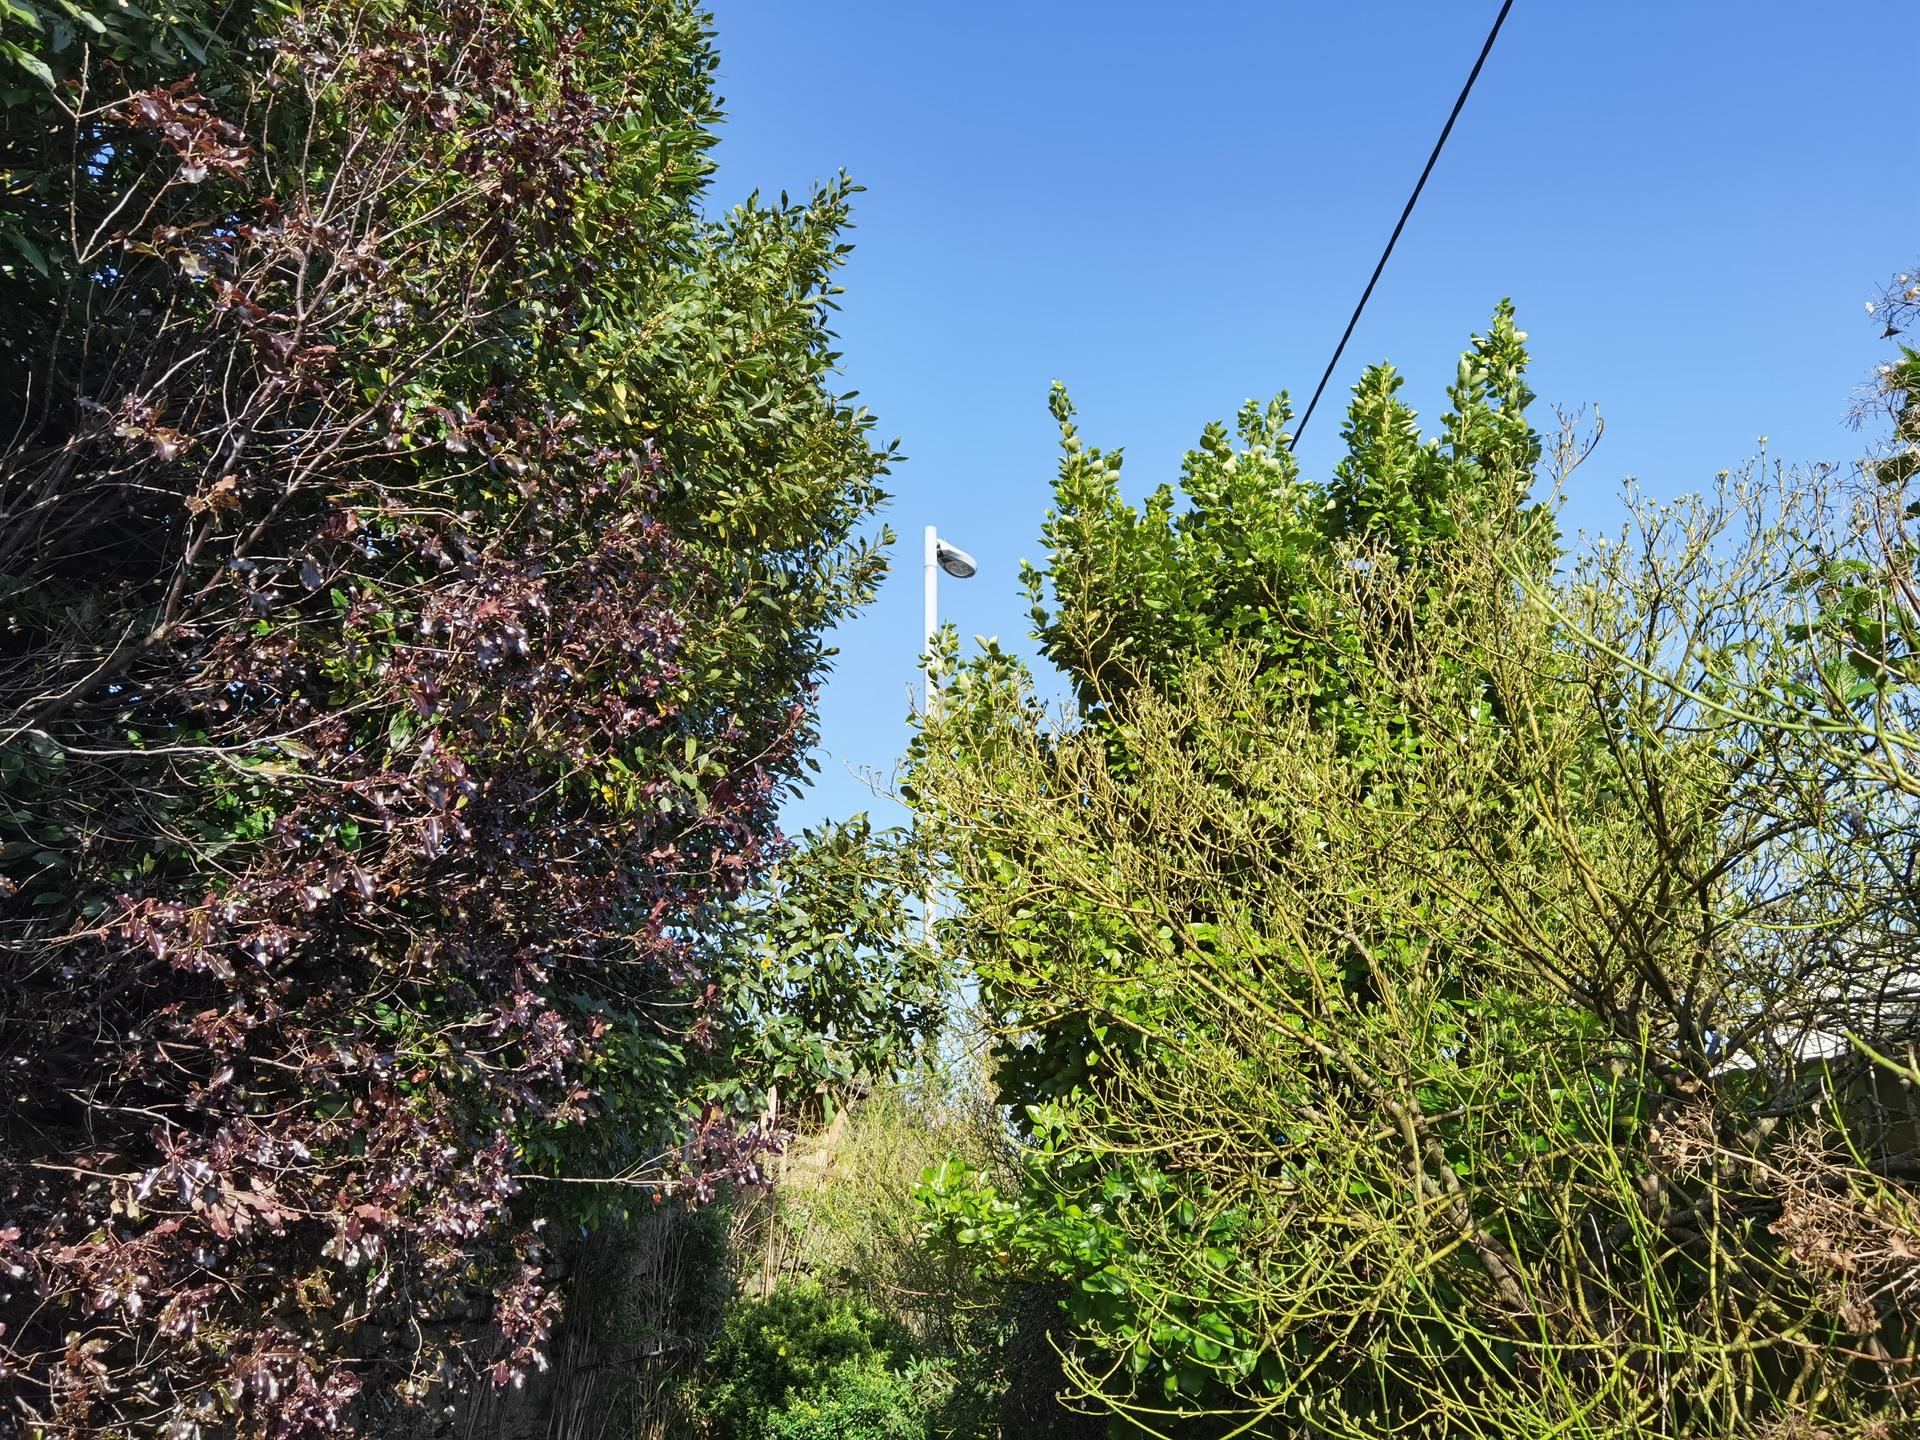 P40 Pro camera sample outdoors wide angle shot at a lamp post